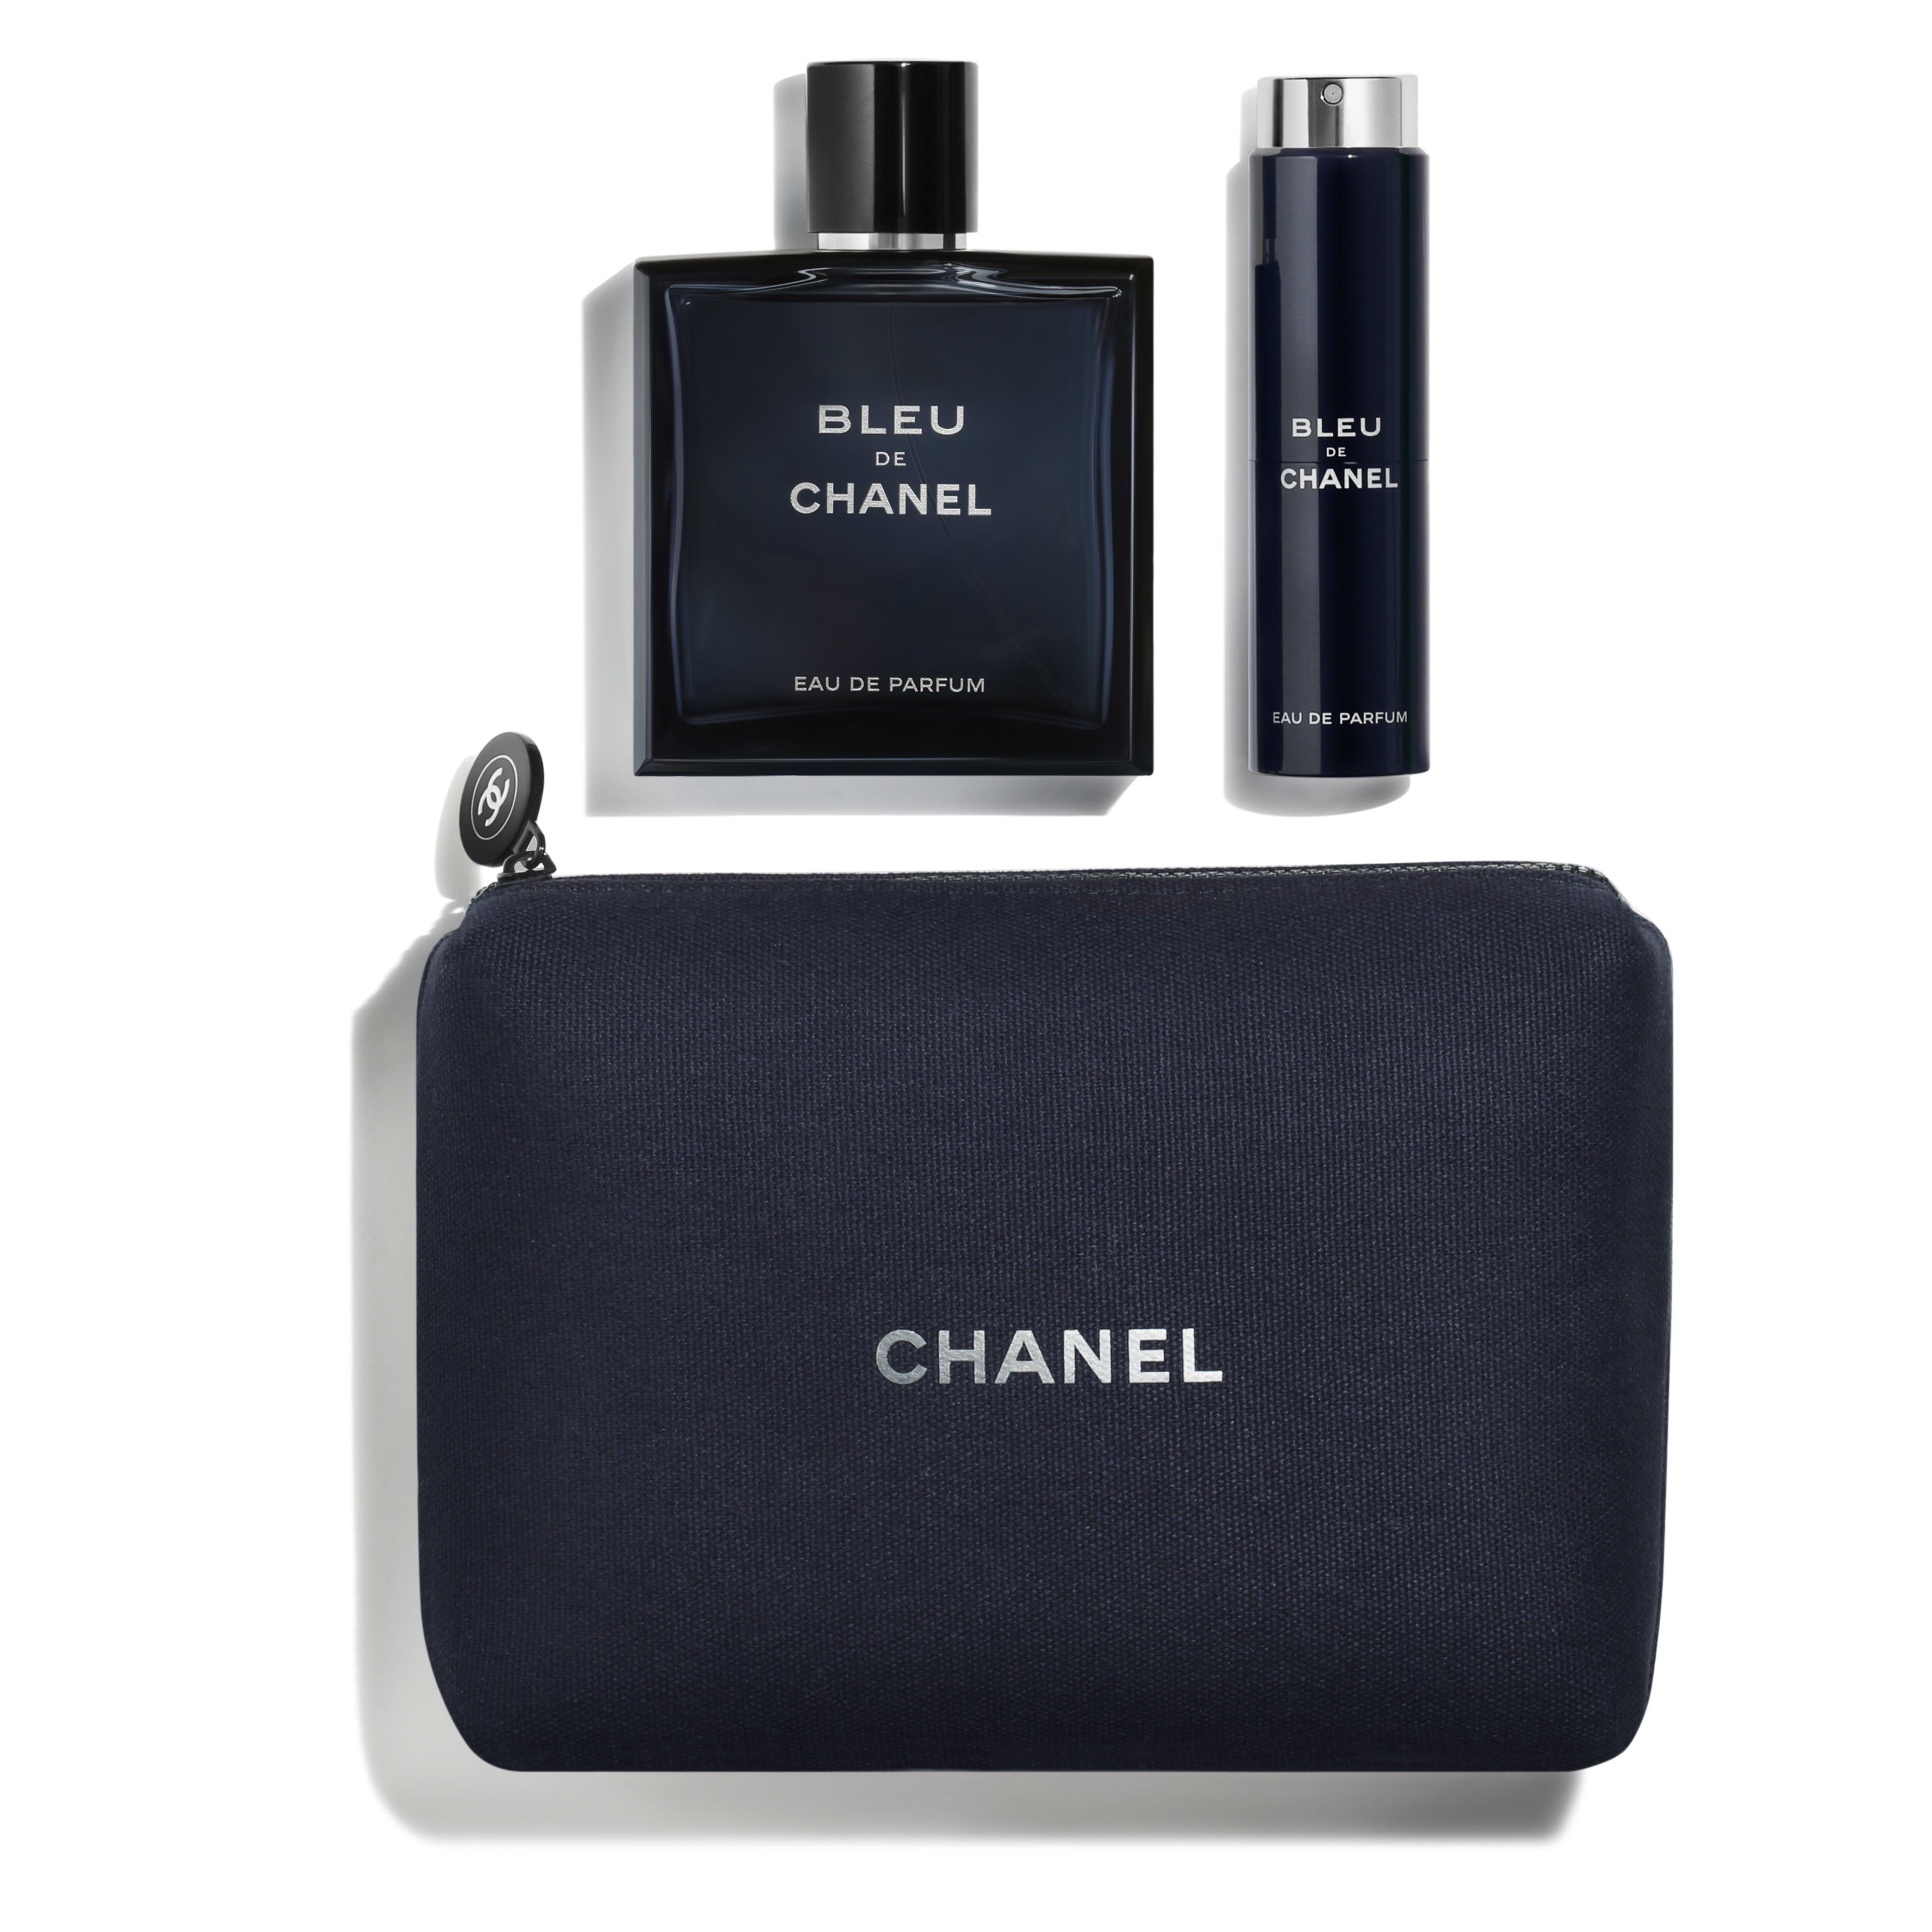 8065826f6d4 BLEU DE CHANEL Eau de Parfum Travel Set